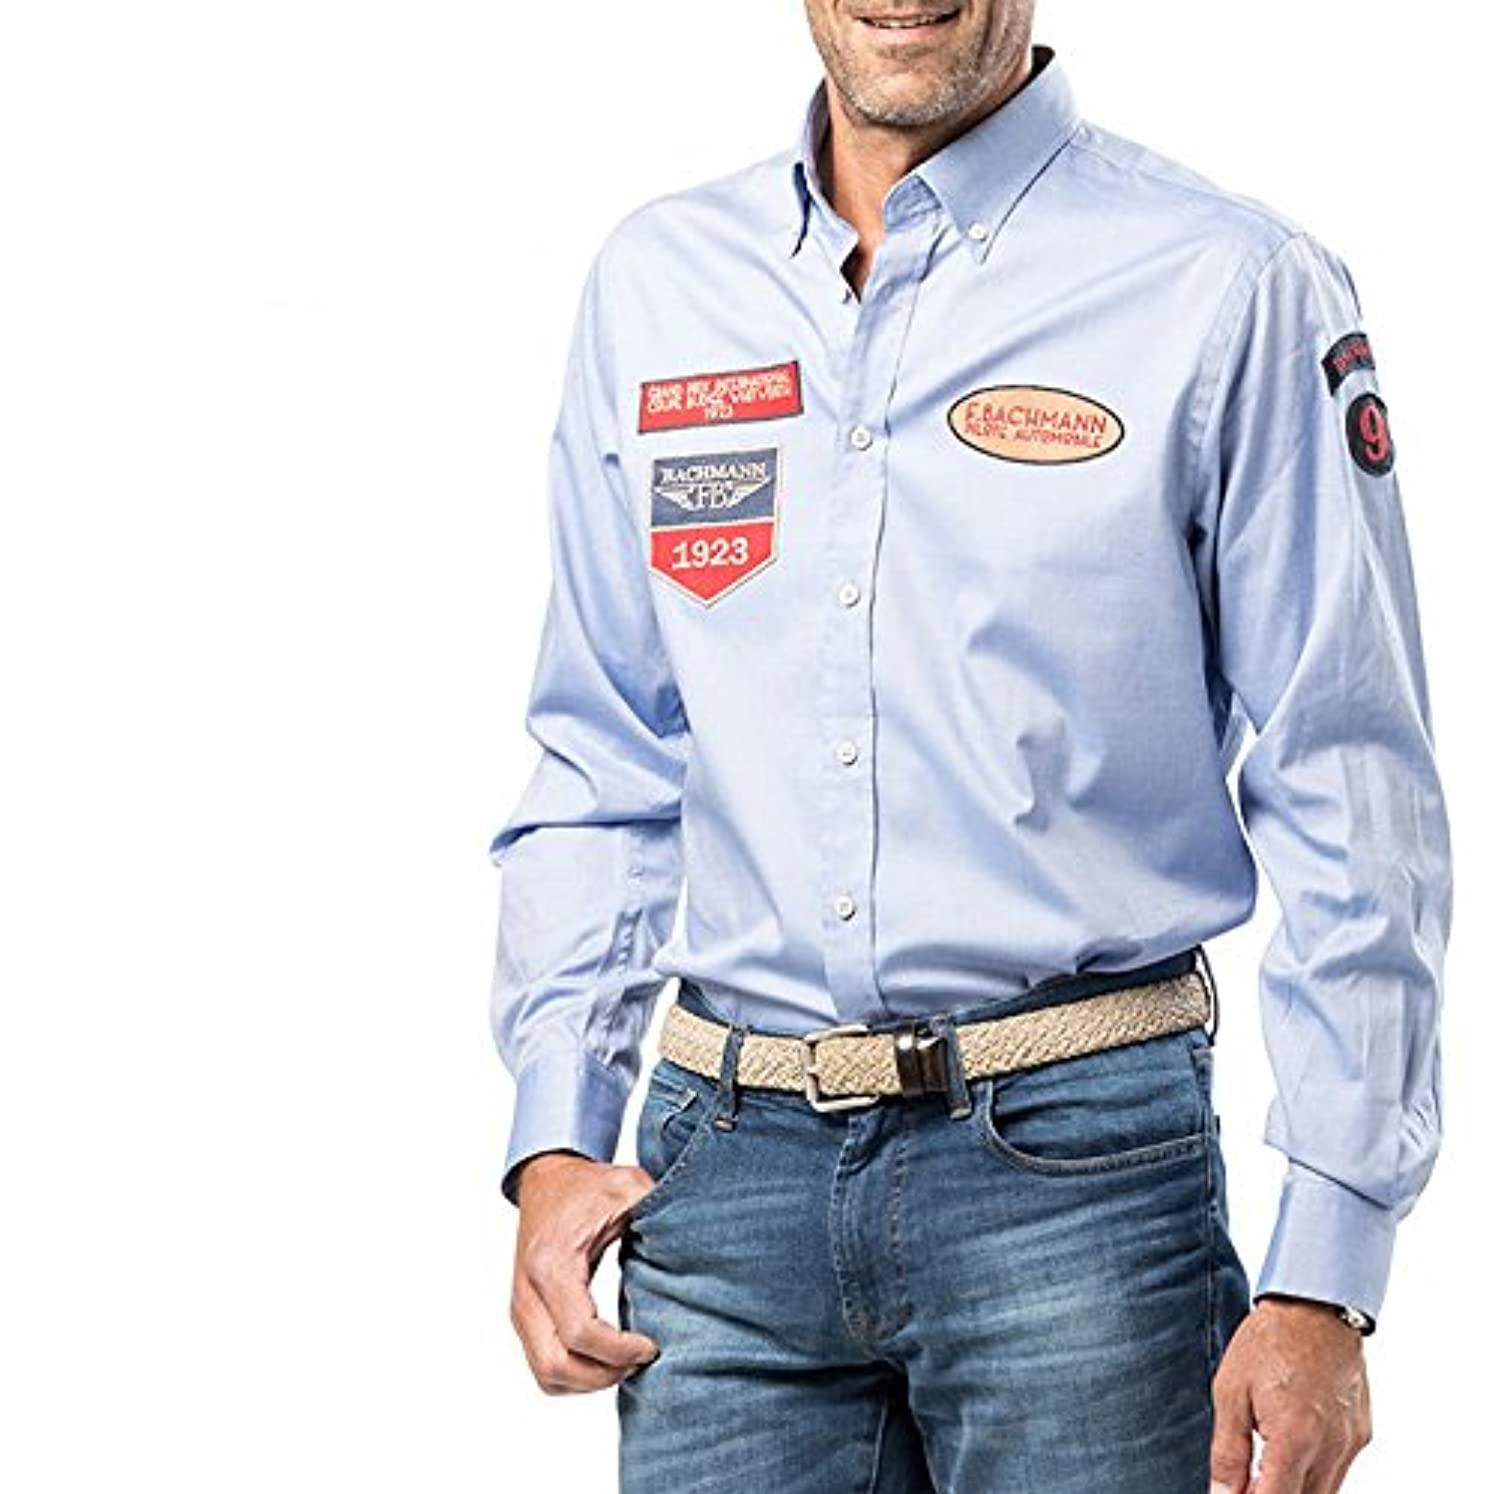 非行モートなんとなくFERNAND BACHMANN(フェルナンド バックマン) スペシャル エキュソン シャツ メンズ 長袖 コットン ボタンシャツ スカイ Mサイズ